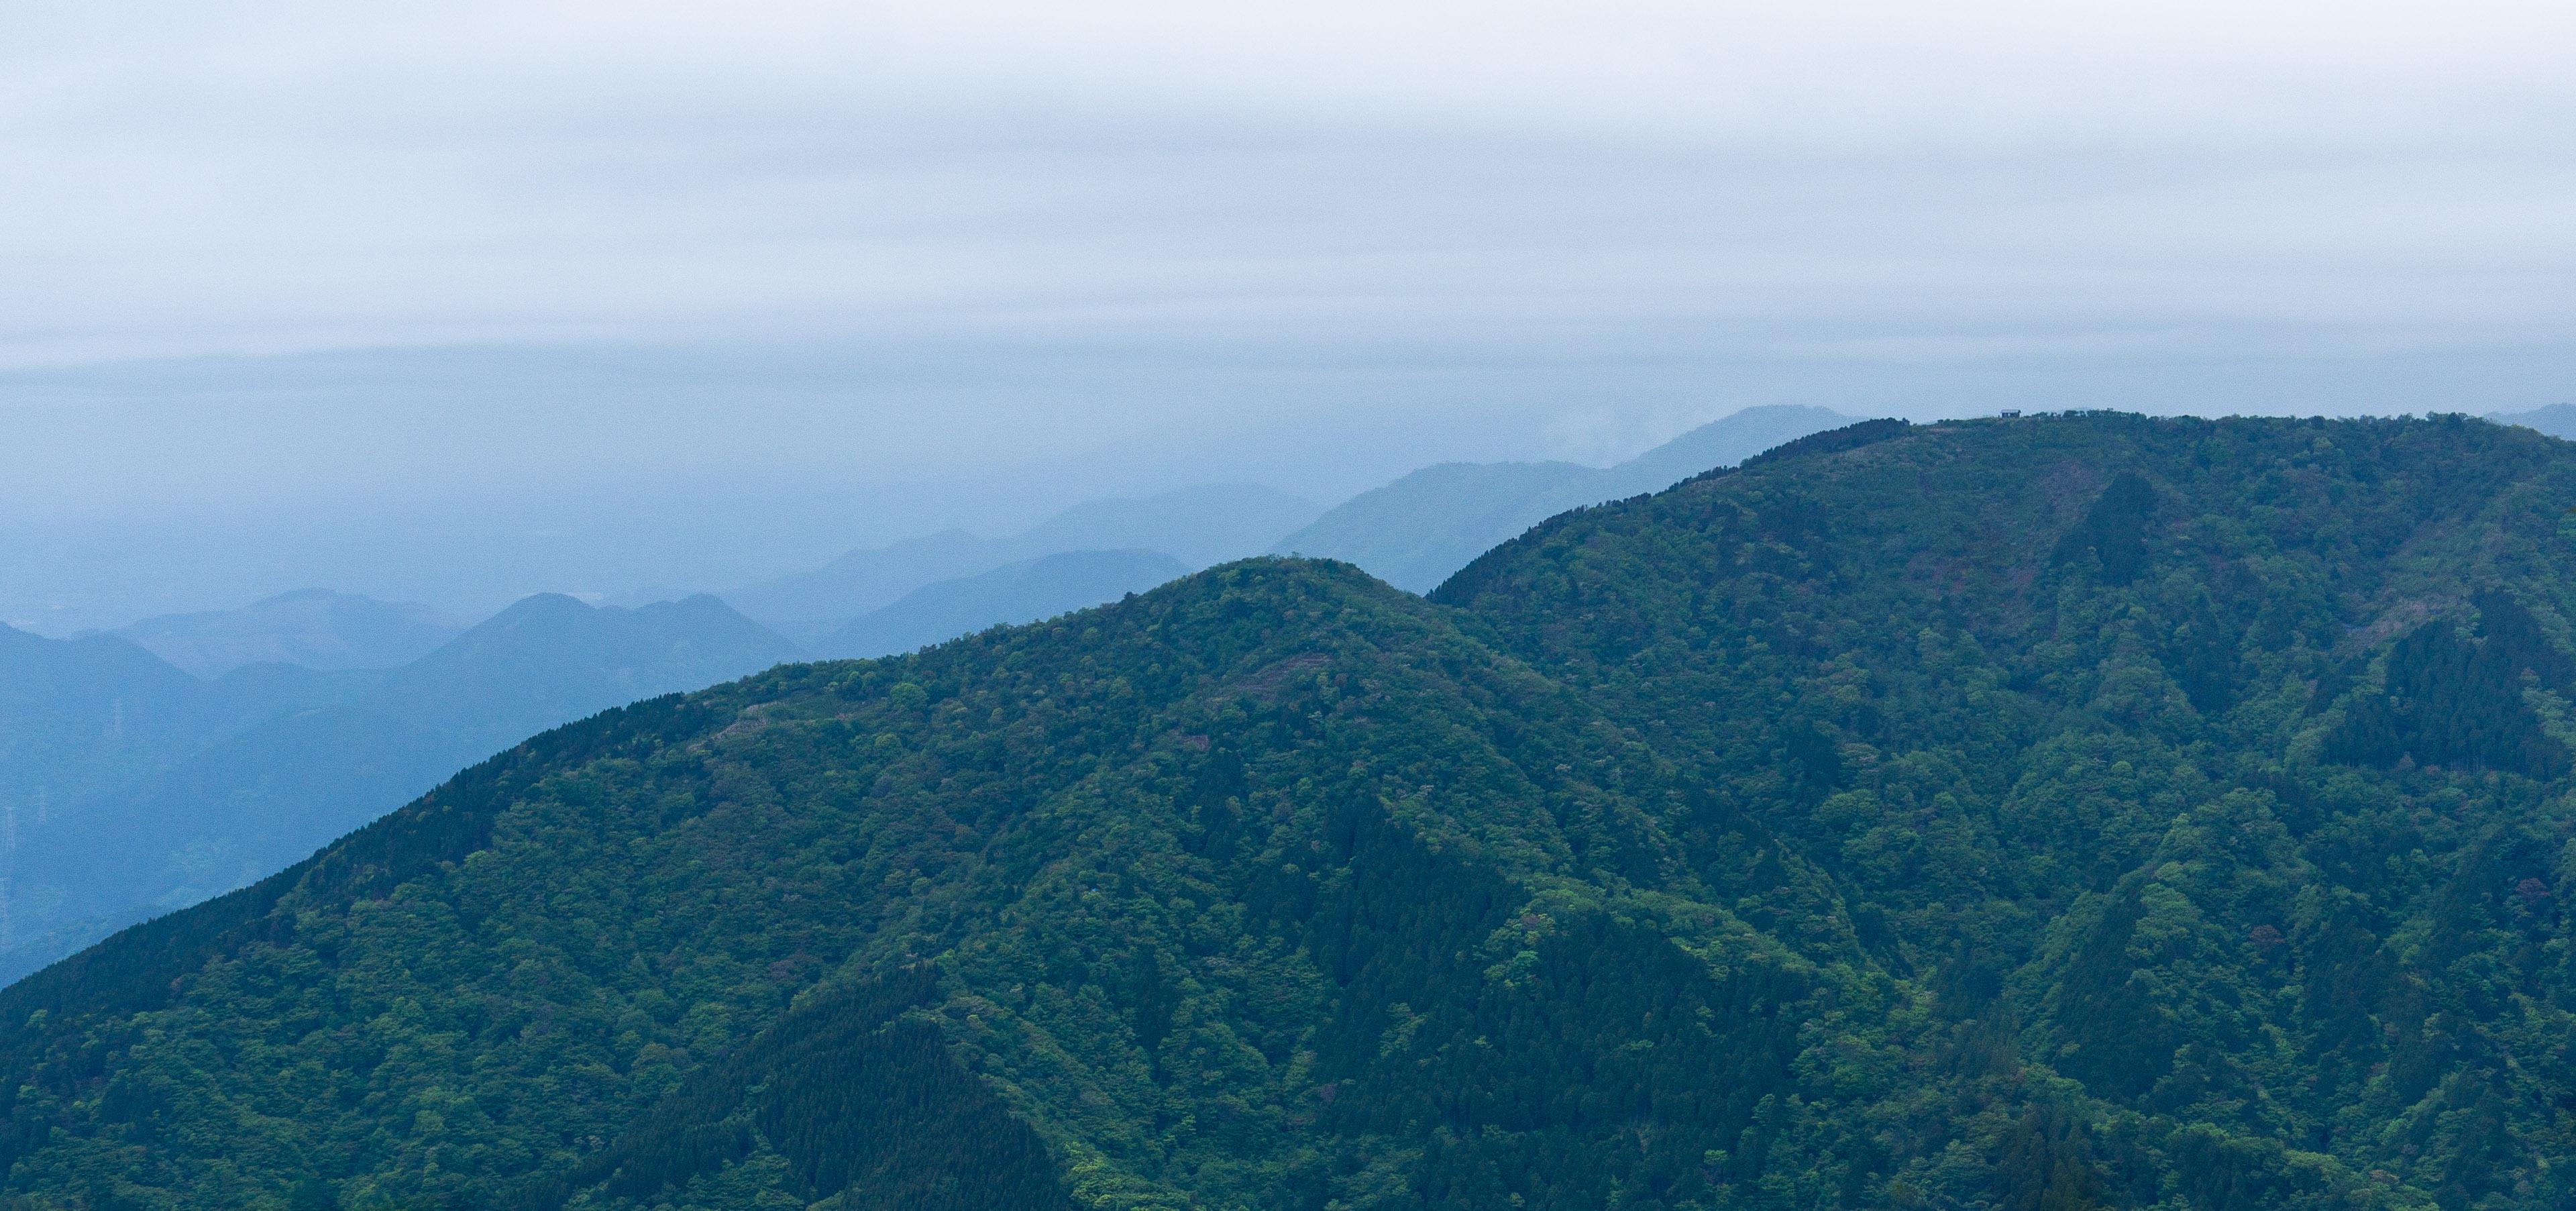 Esmu noskatījis šo kori nākamajam pārgājienam. No turienes paveras fantastiski Fudzi vulkāna skati, ļoti glītas takas un skaistas virsotnes.